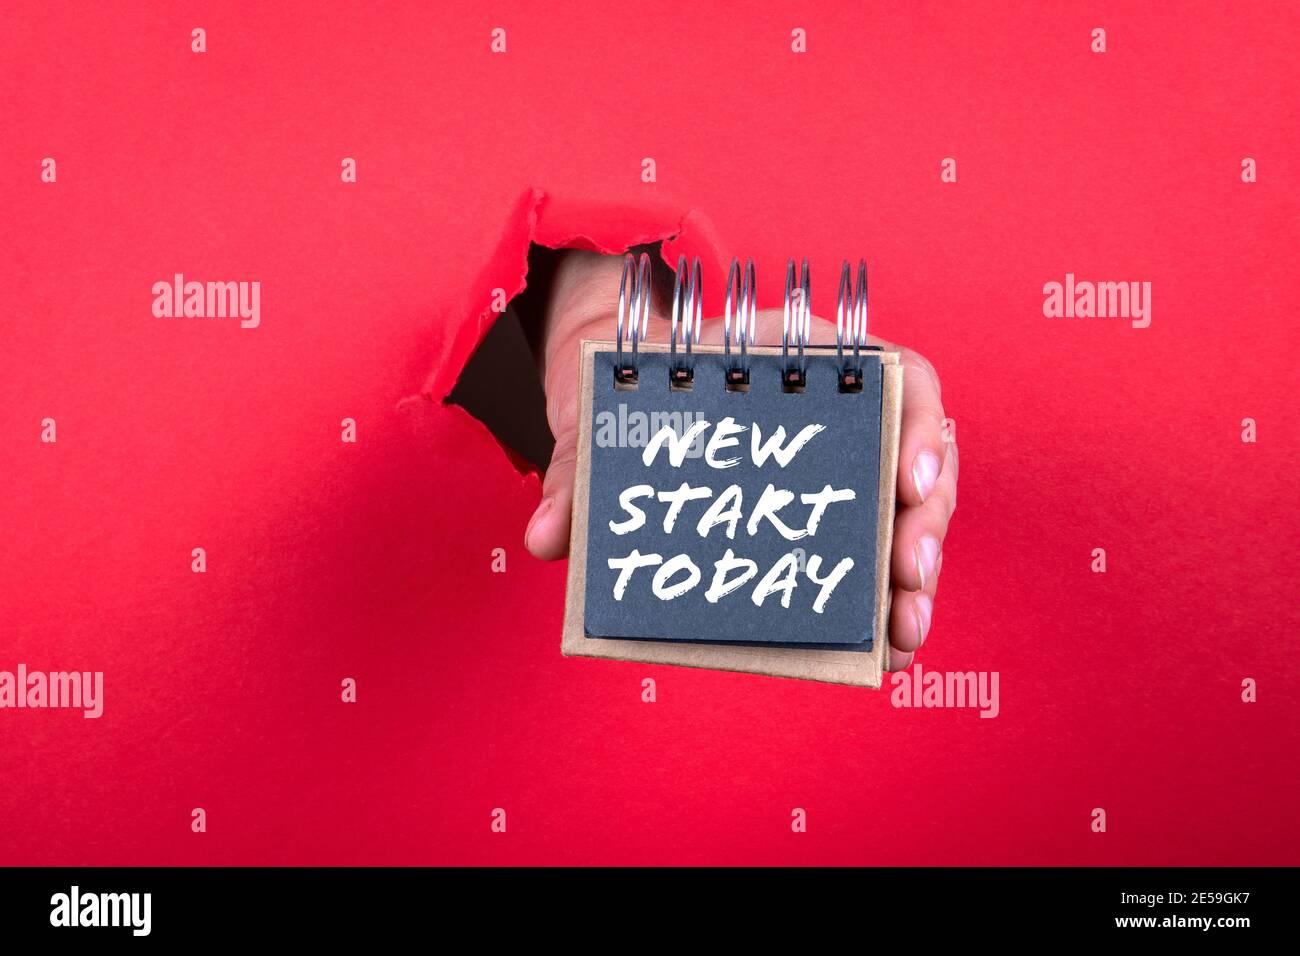 Novità inizia oggi stesso. Taccuino in mano di un uomo su sfondo rosso. Foto Stock